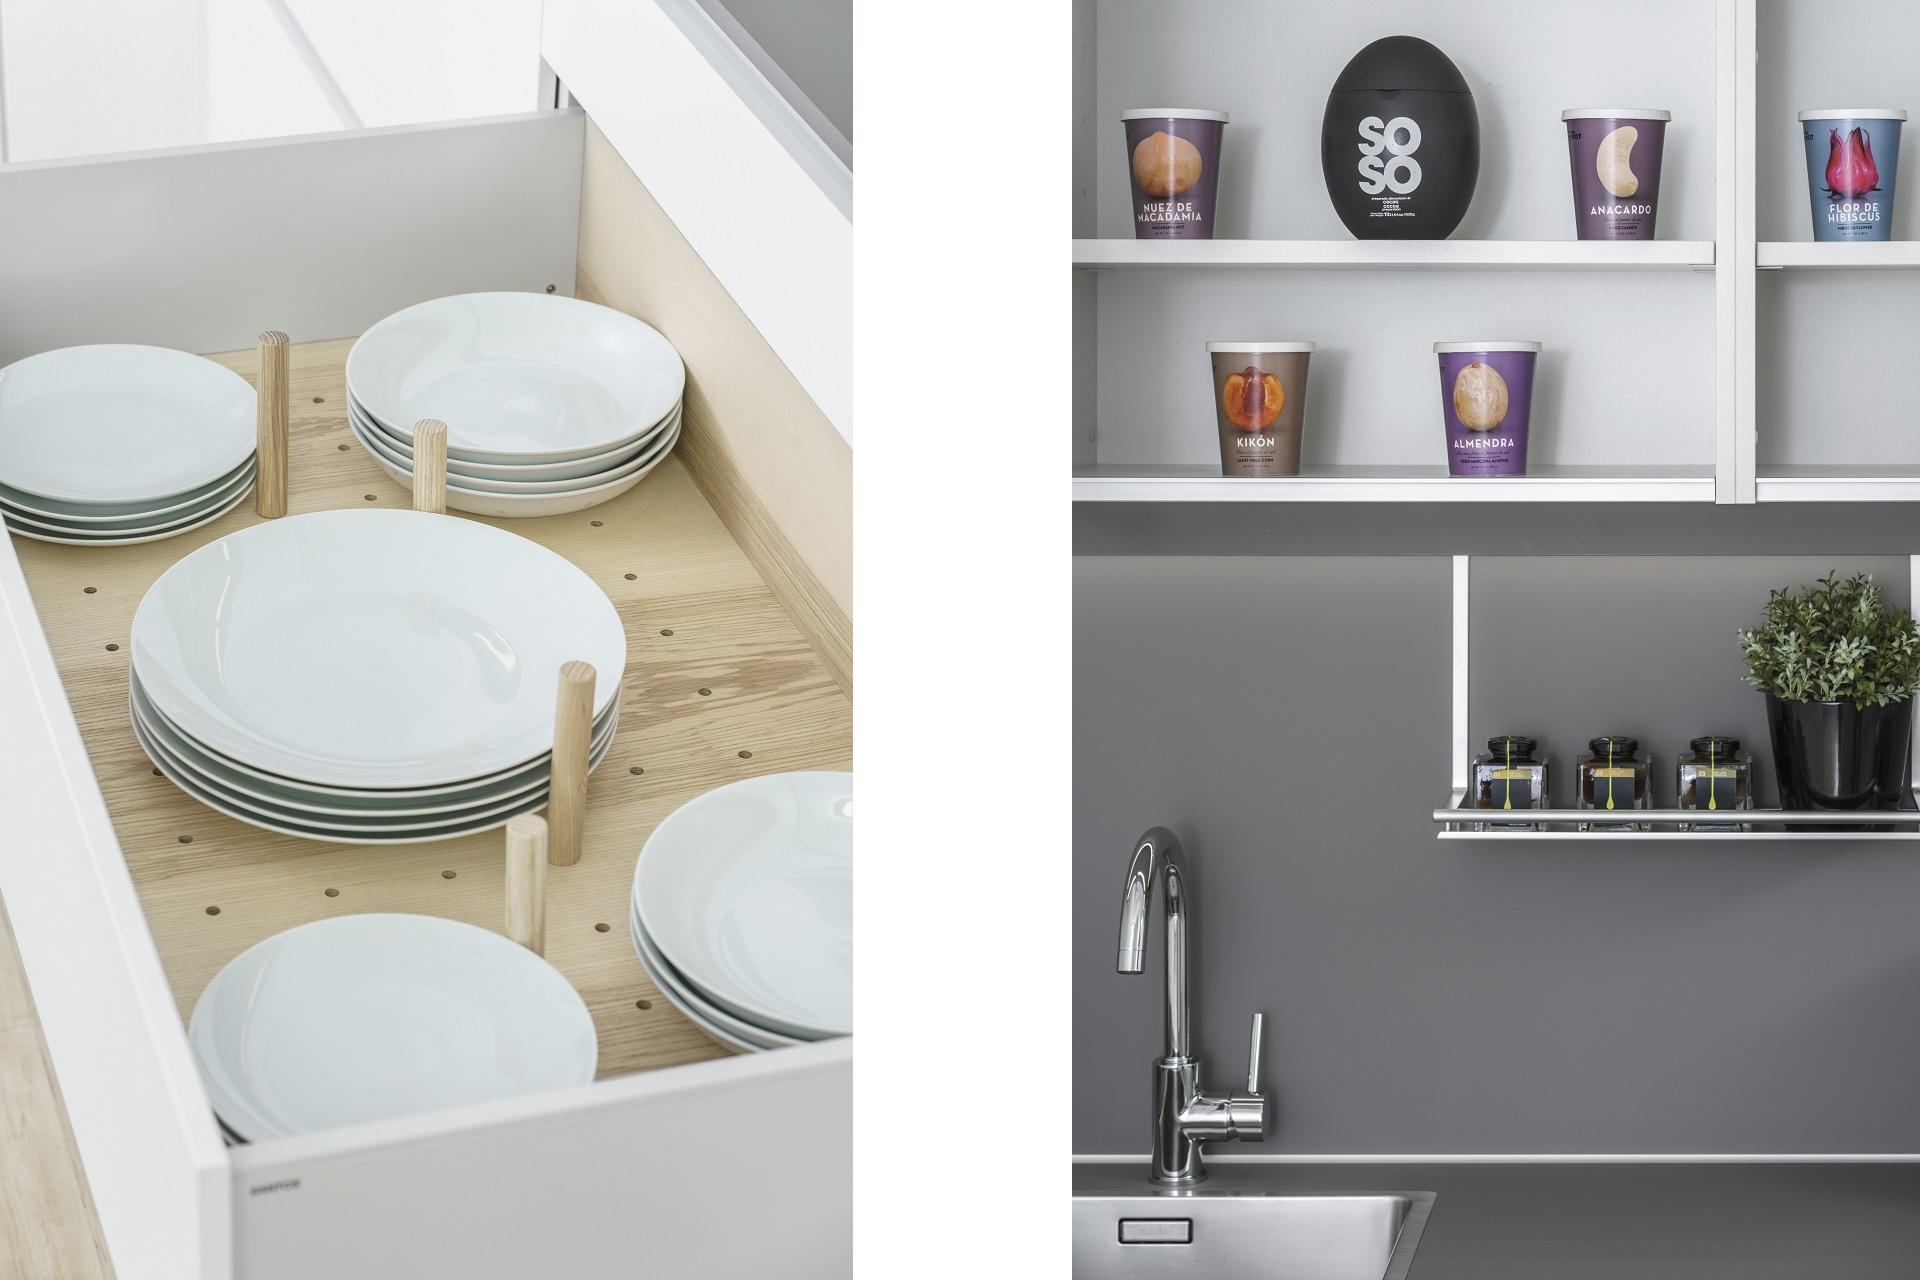 Image oferta-liquidacion-cocina-santos